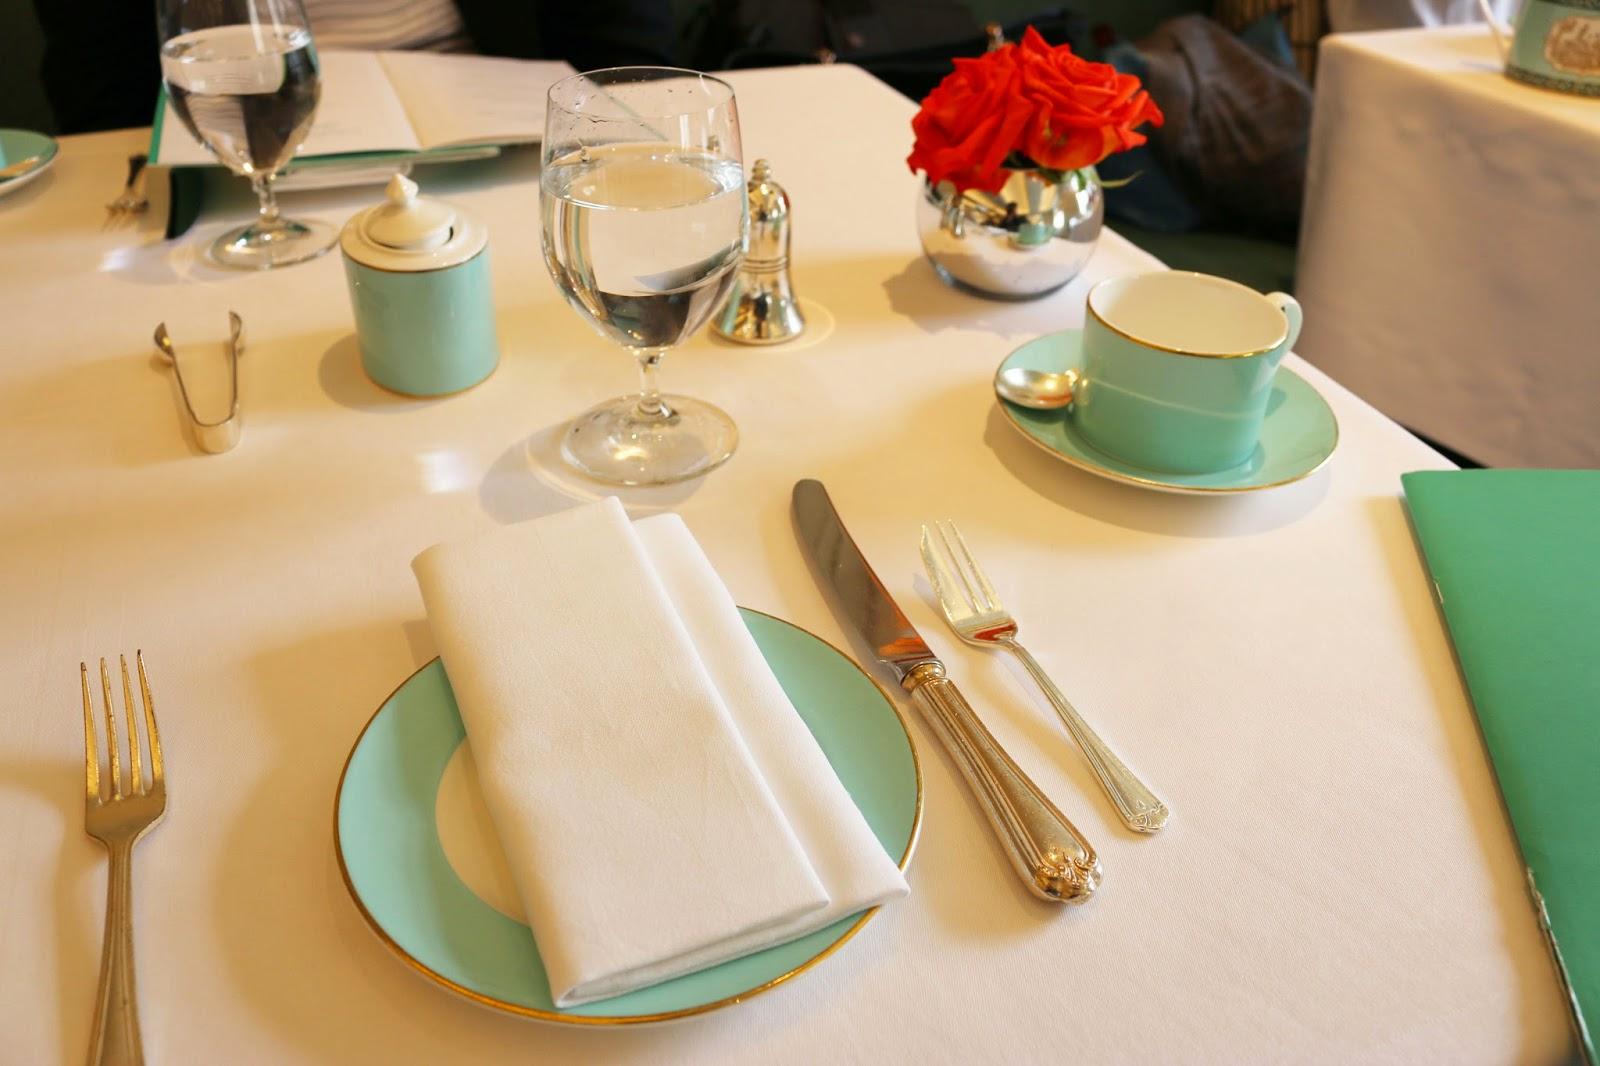 Fortnum & Mason Diamond Jubilee Tea Salon - Afternoon Tea